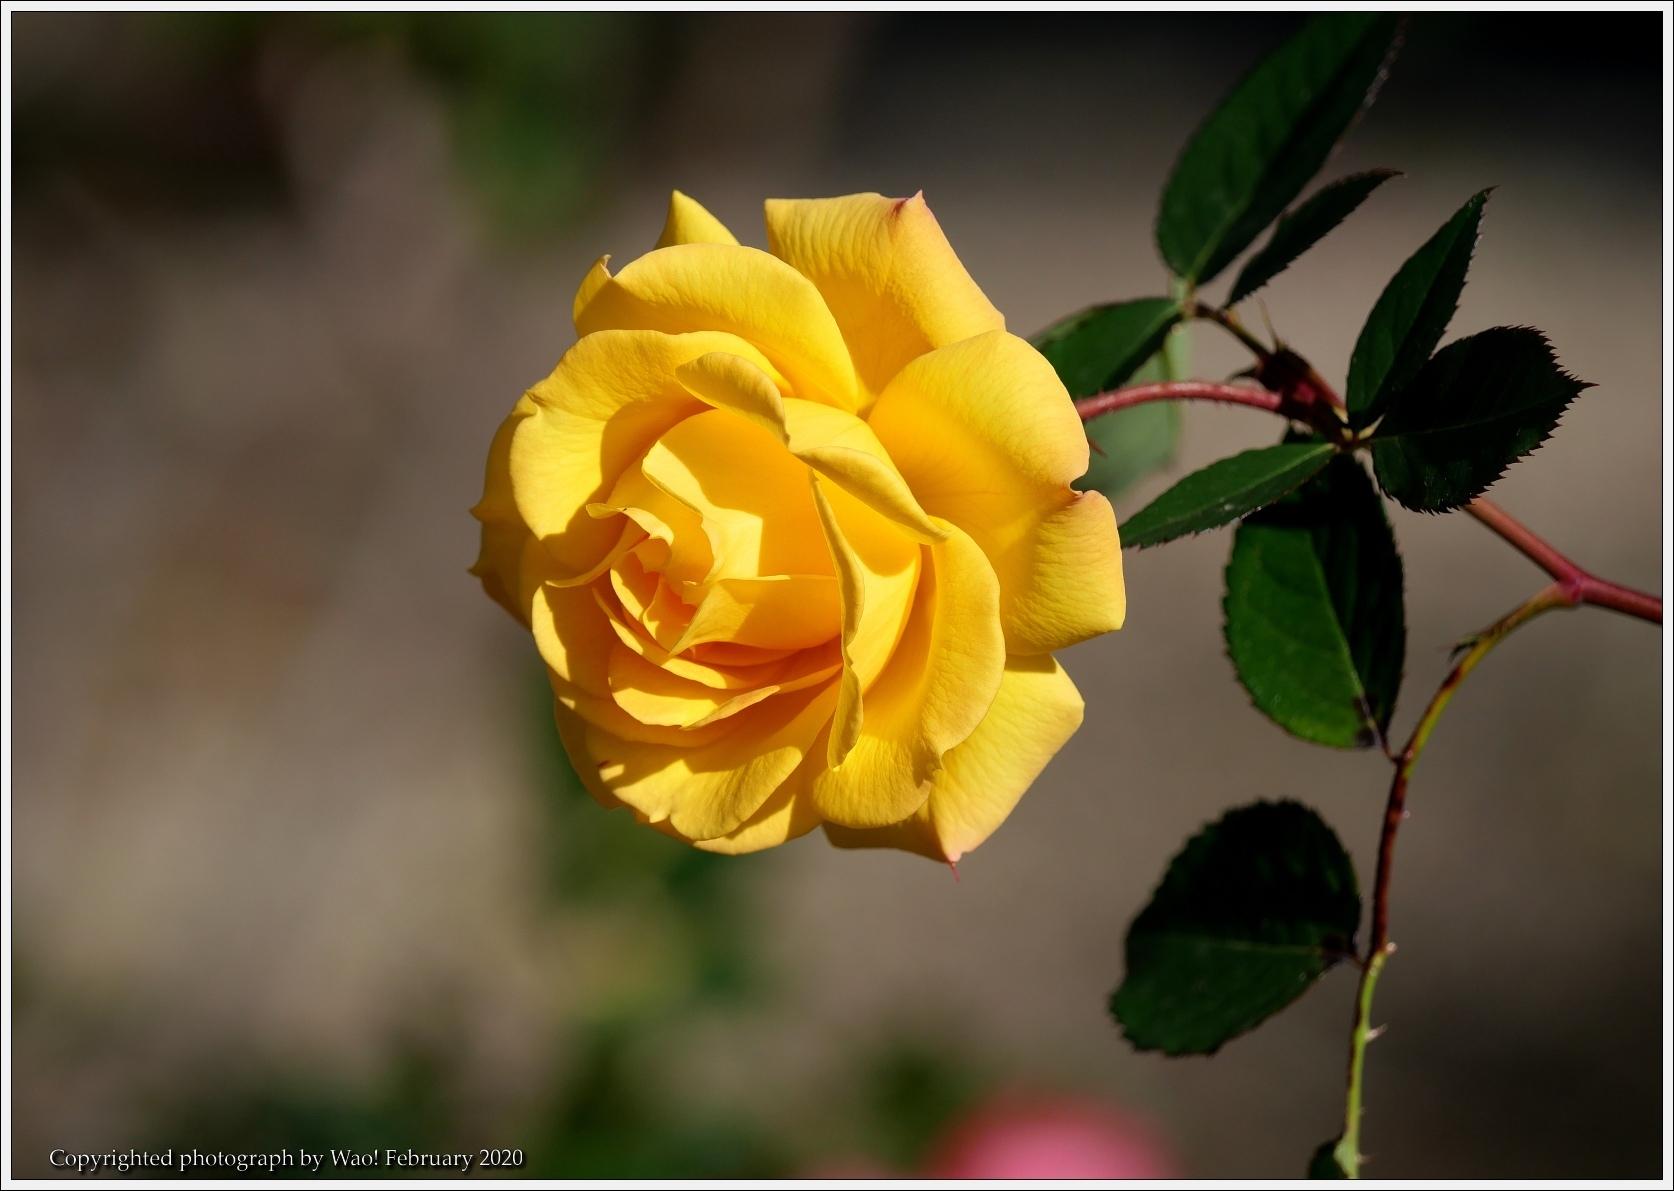 冬のバラと温室の花と蝶_c0198669_16072250.jpg